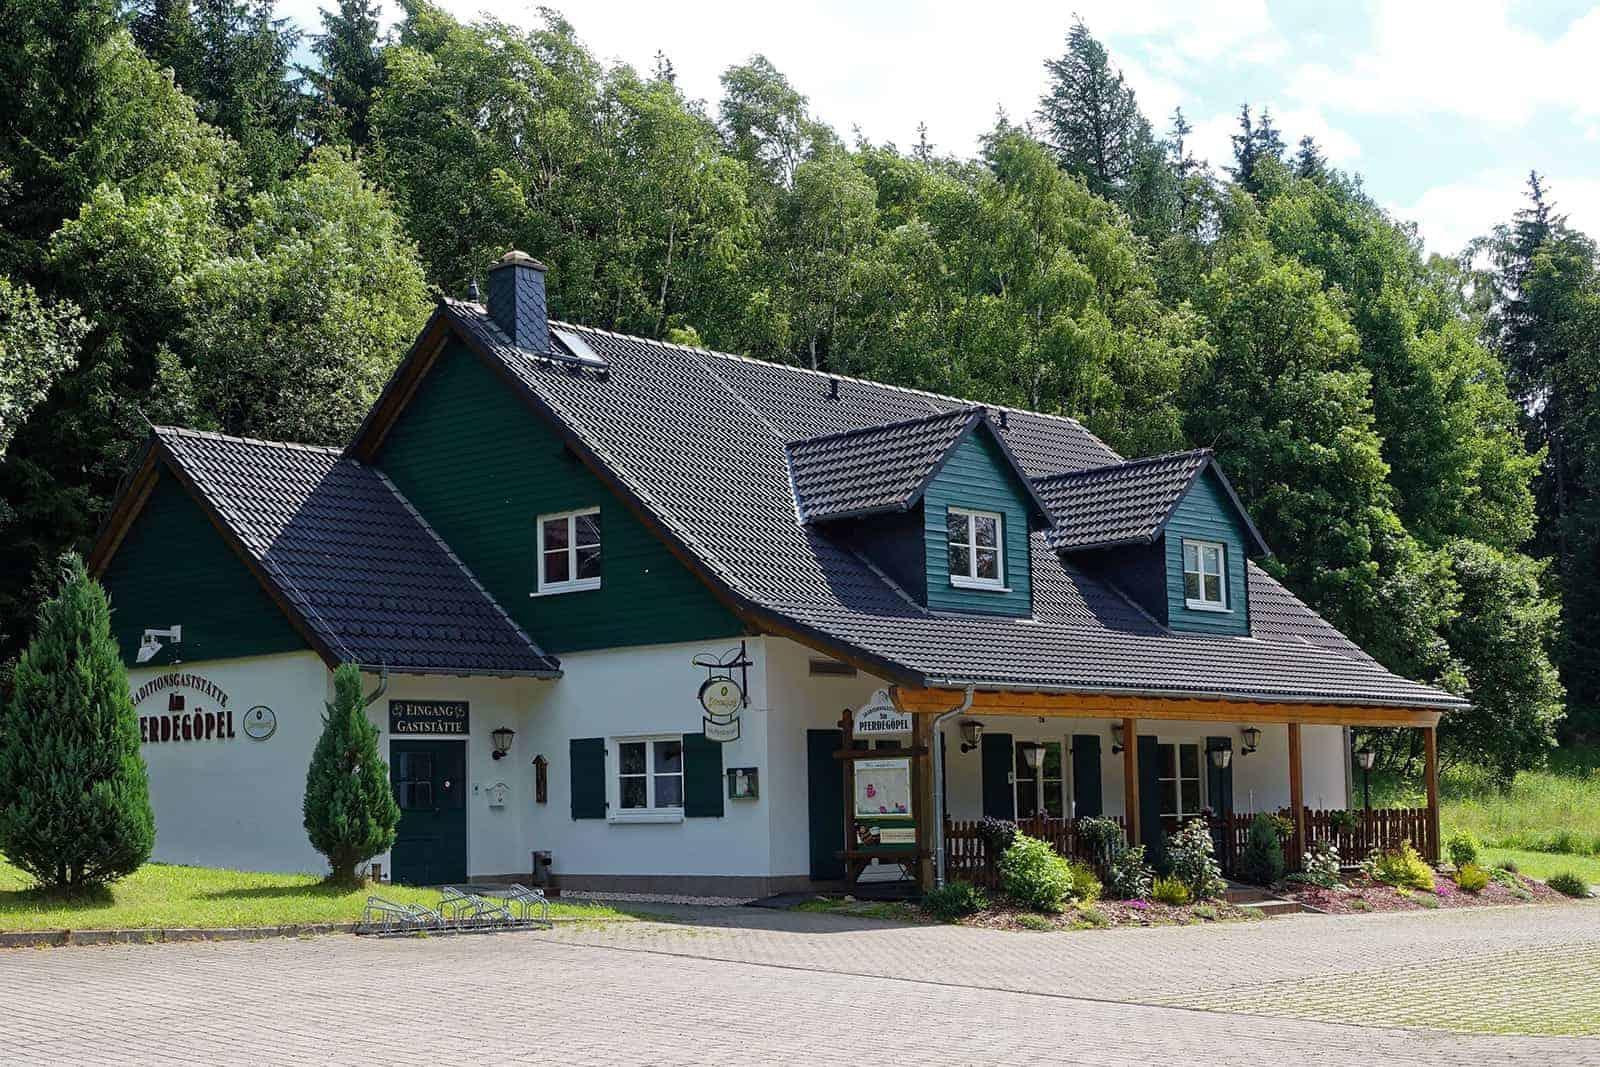 Gasthaus am Pferdegöpel in Johanngeorgenstadt